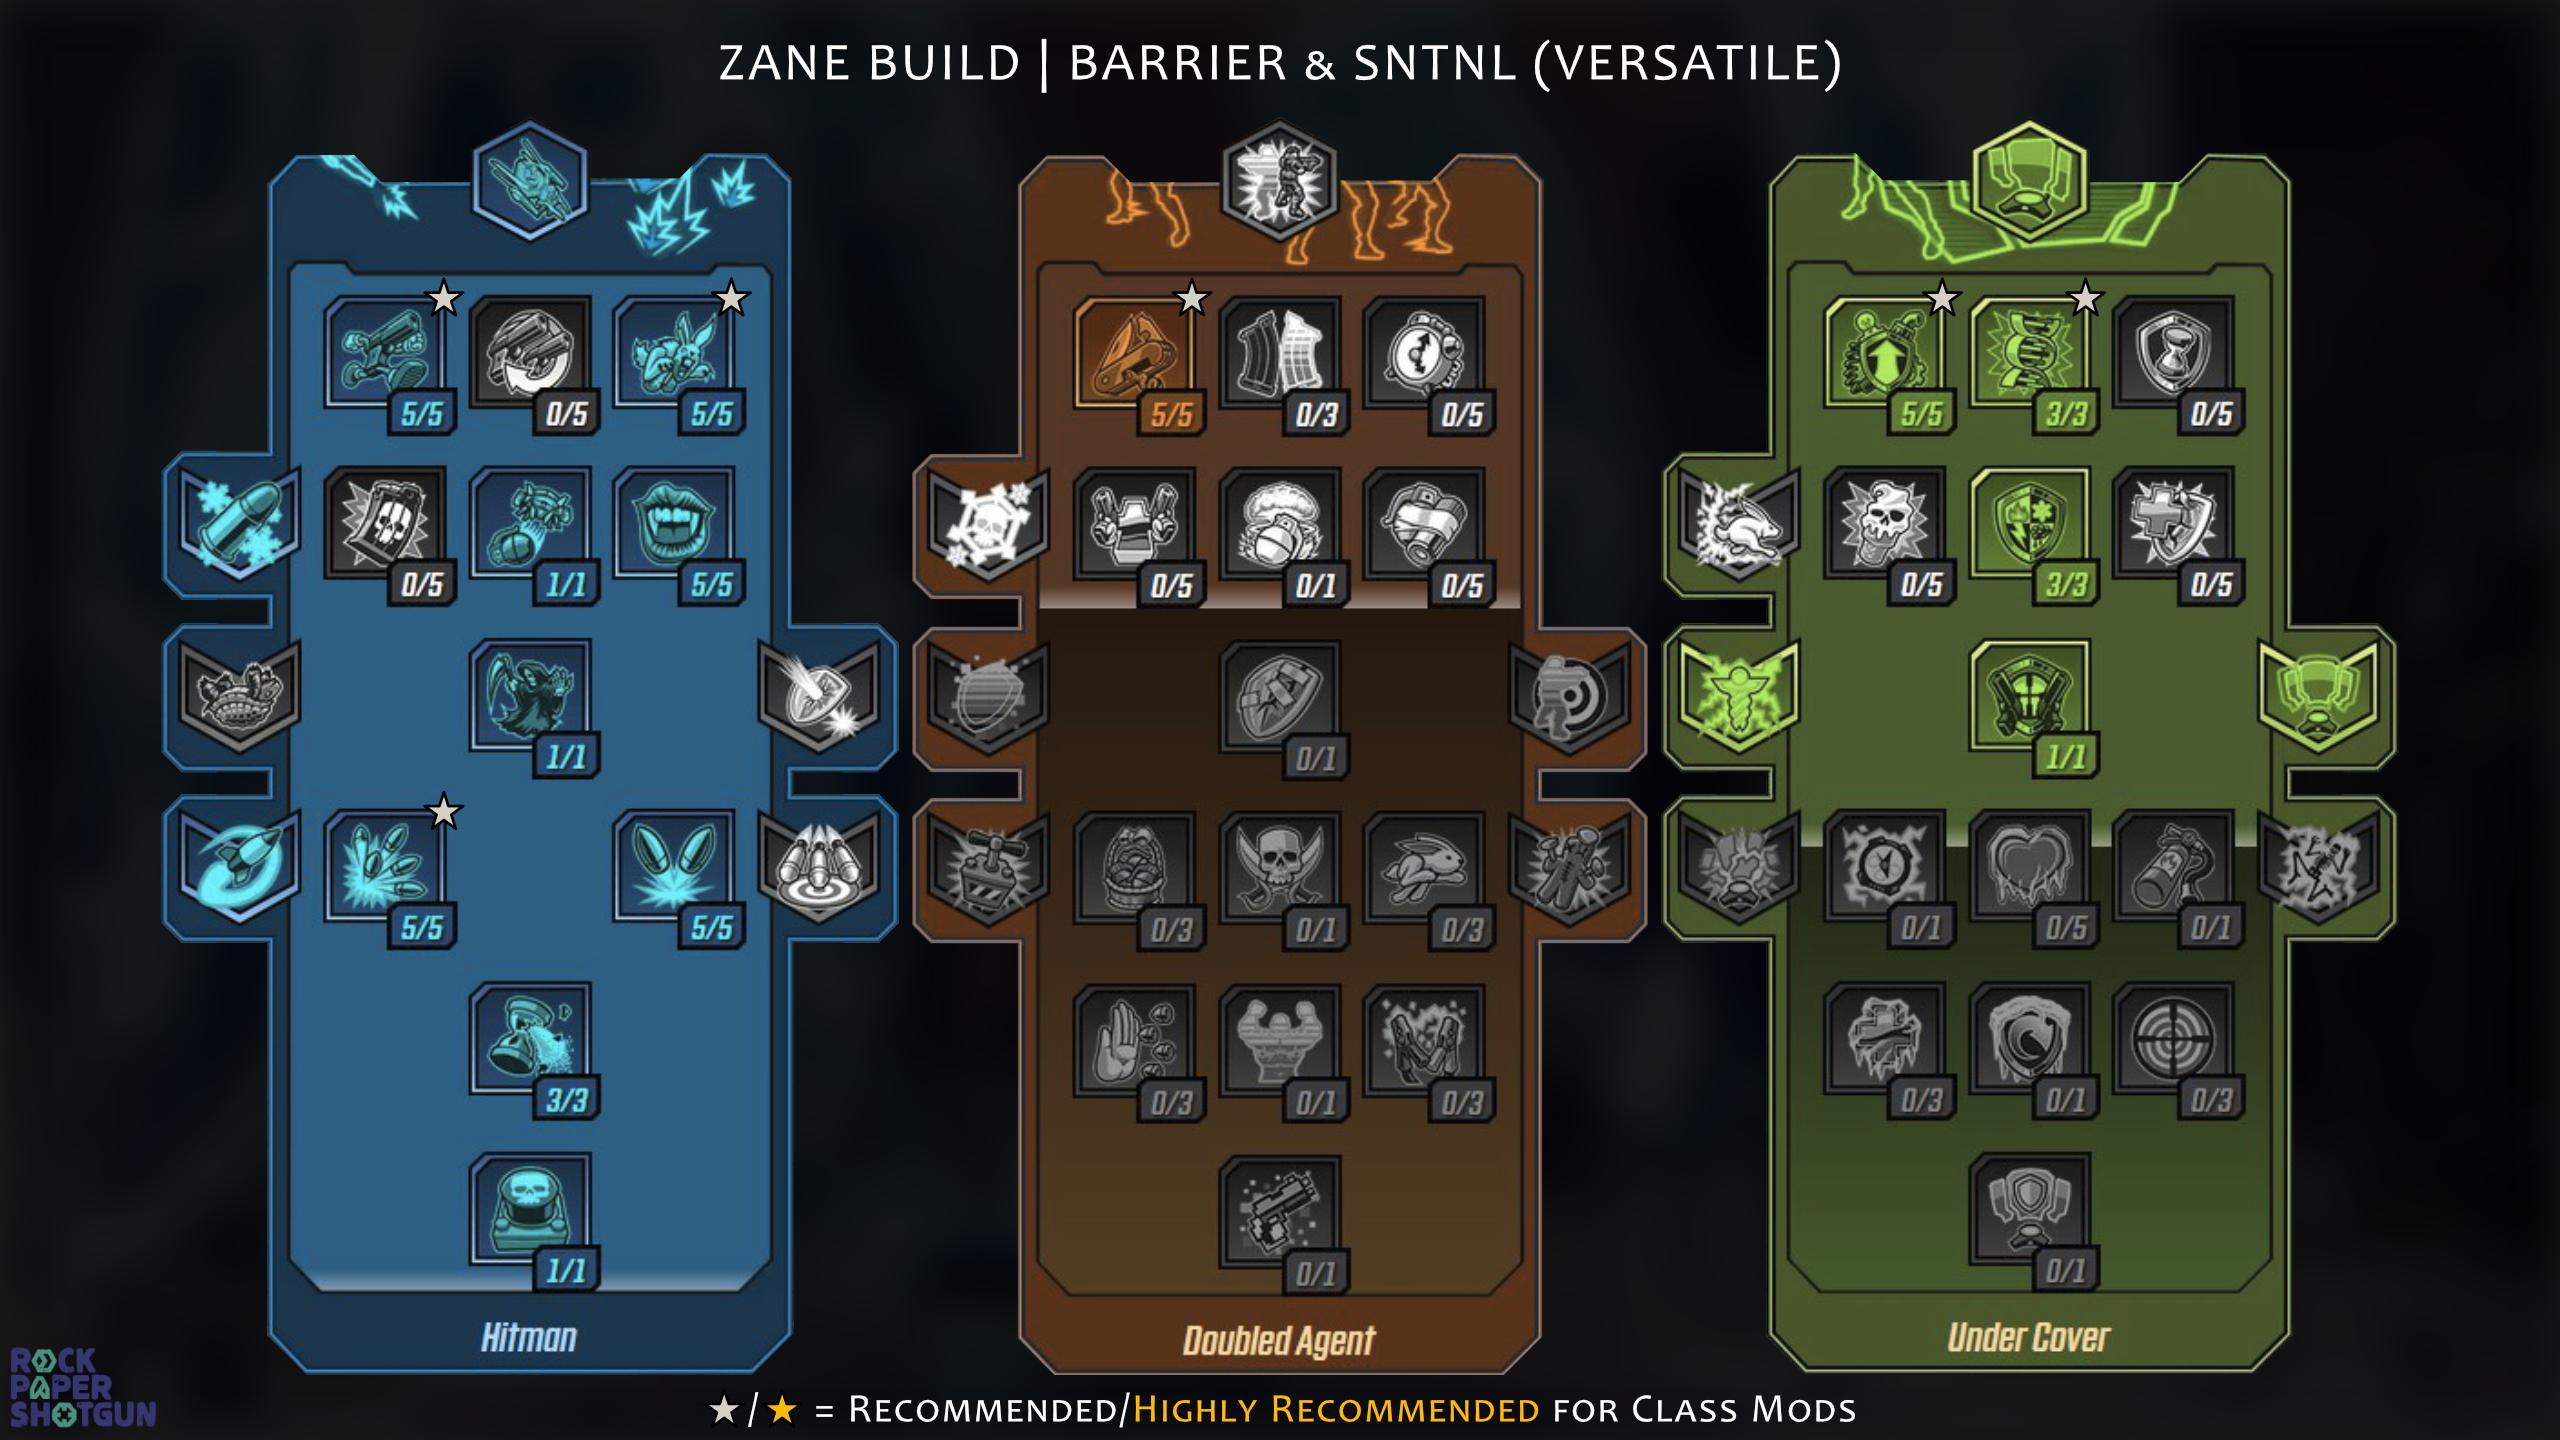 Borderlands 3 Zane build - Barrier & SNTNL